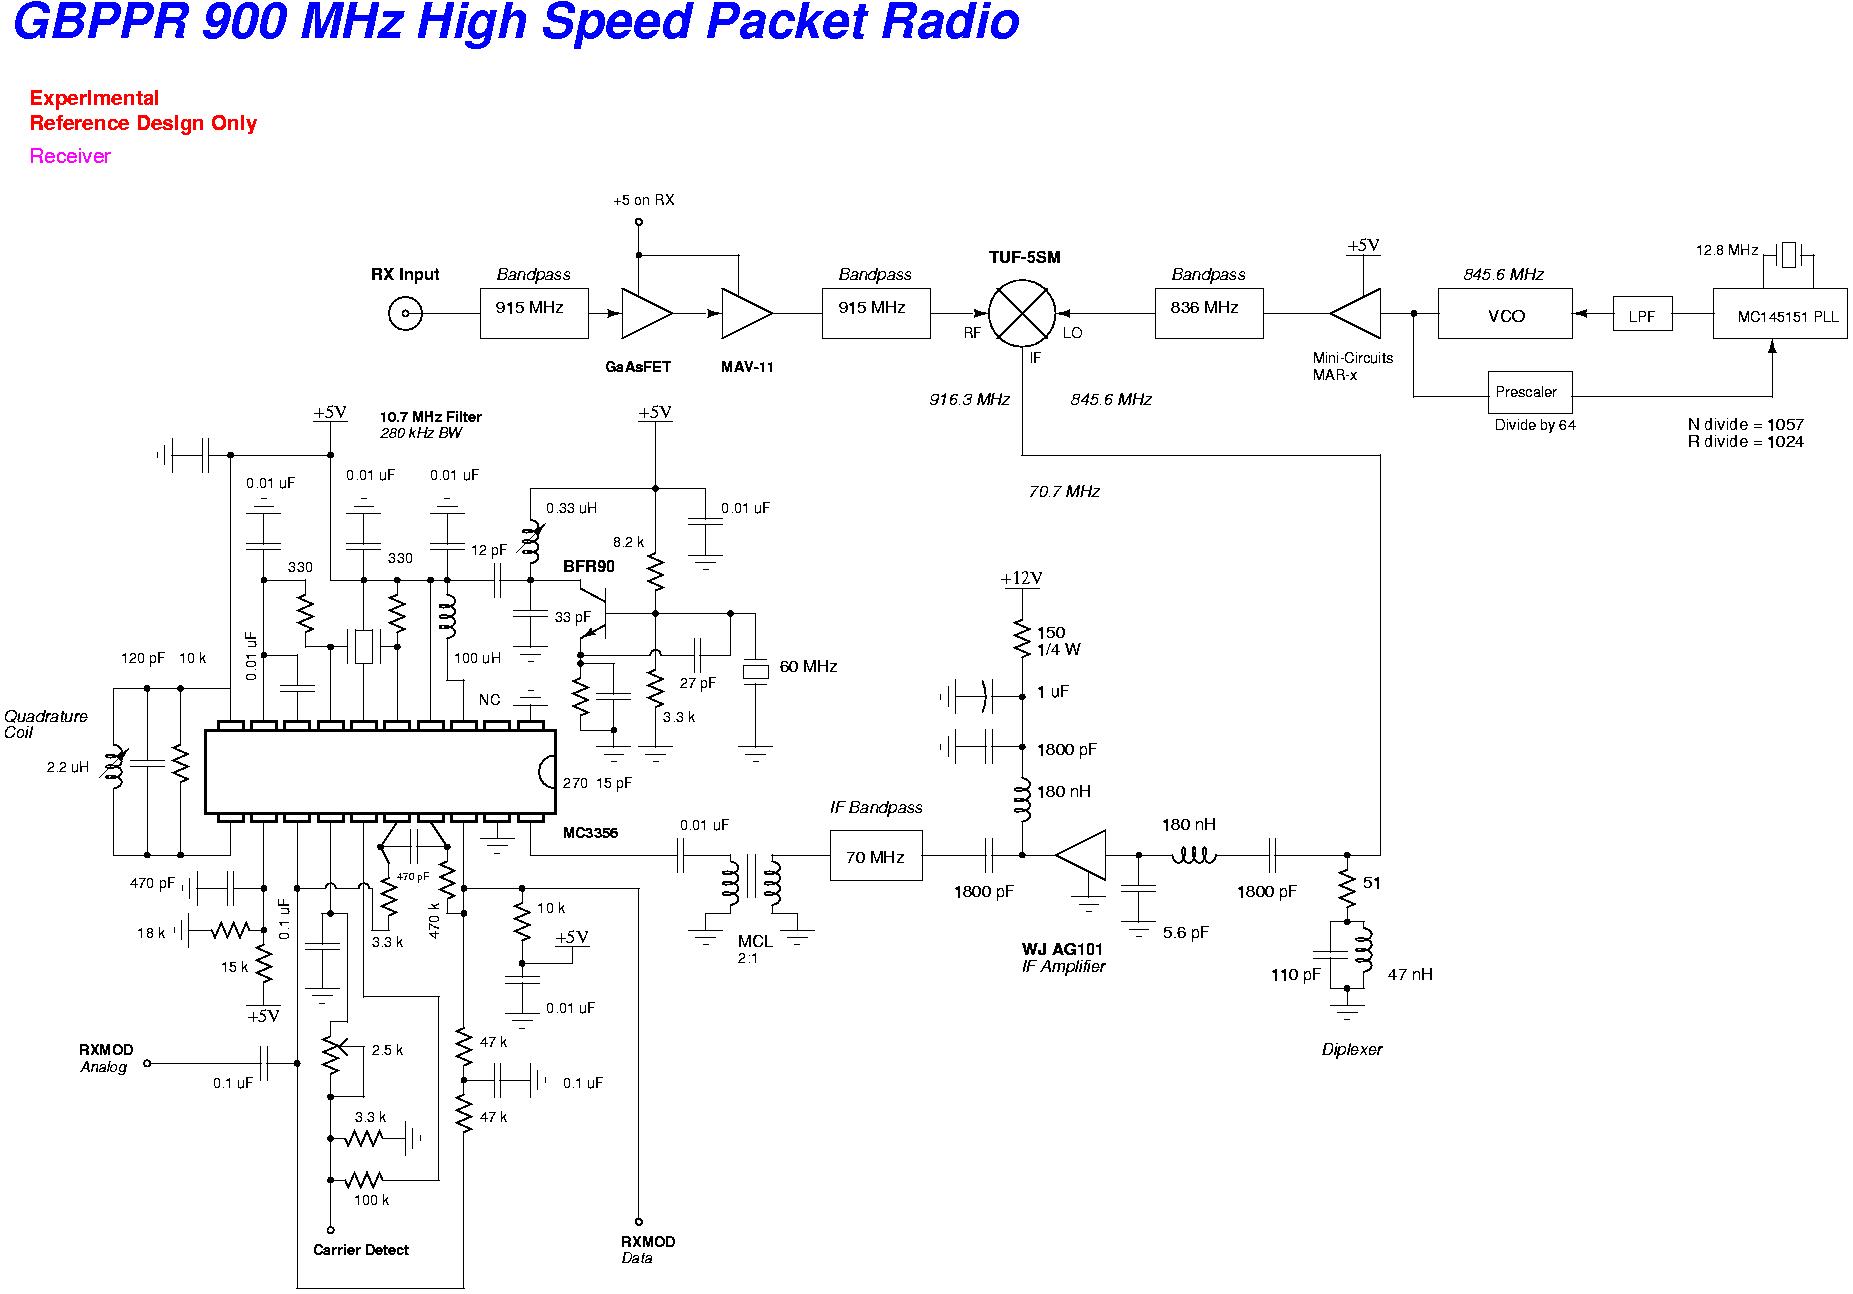 gbppr 900 mhz high speed packet radio delco radio schematics radio schematics